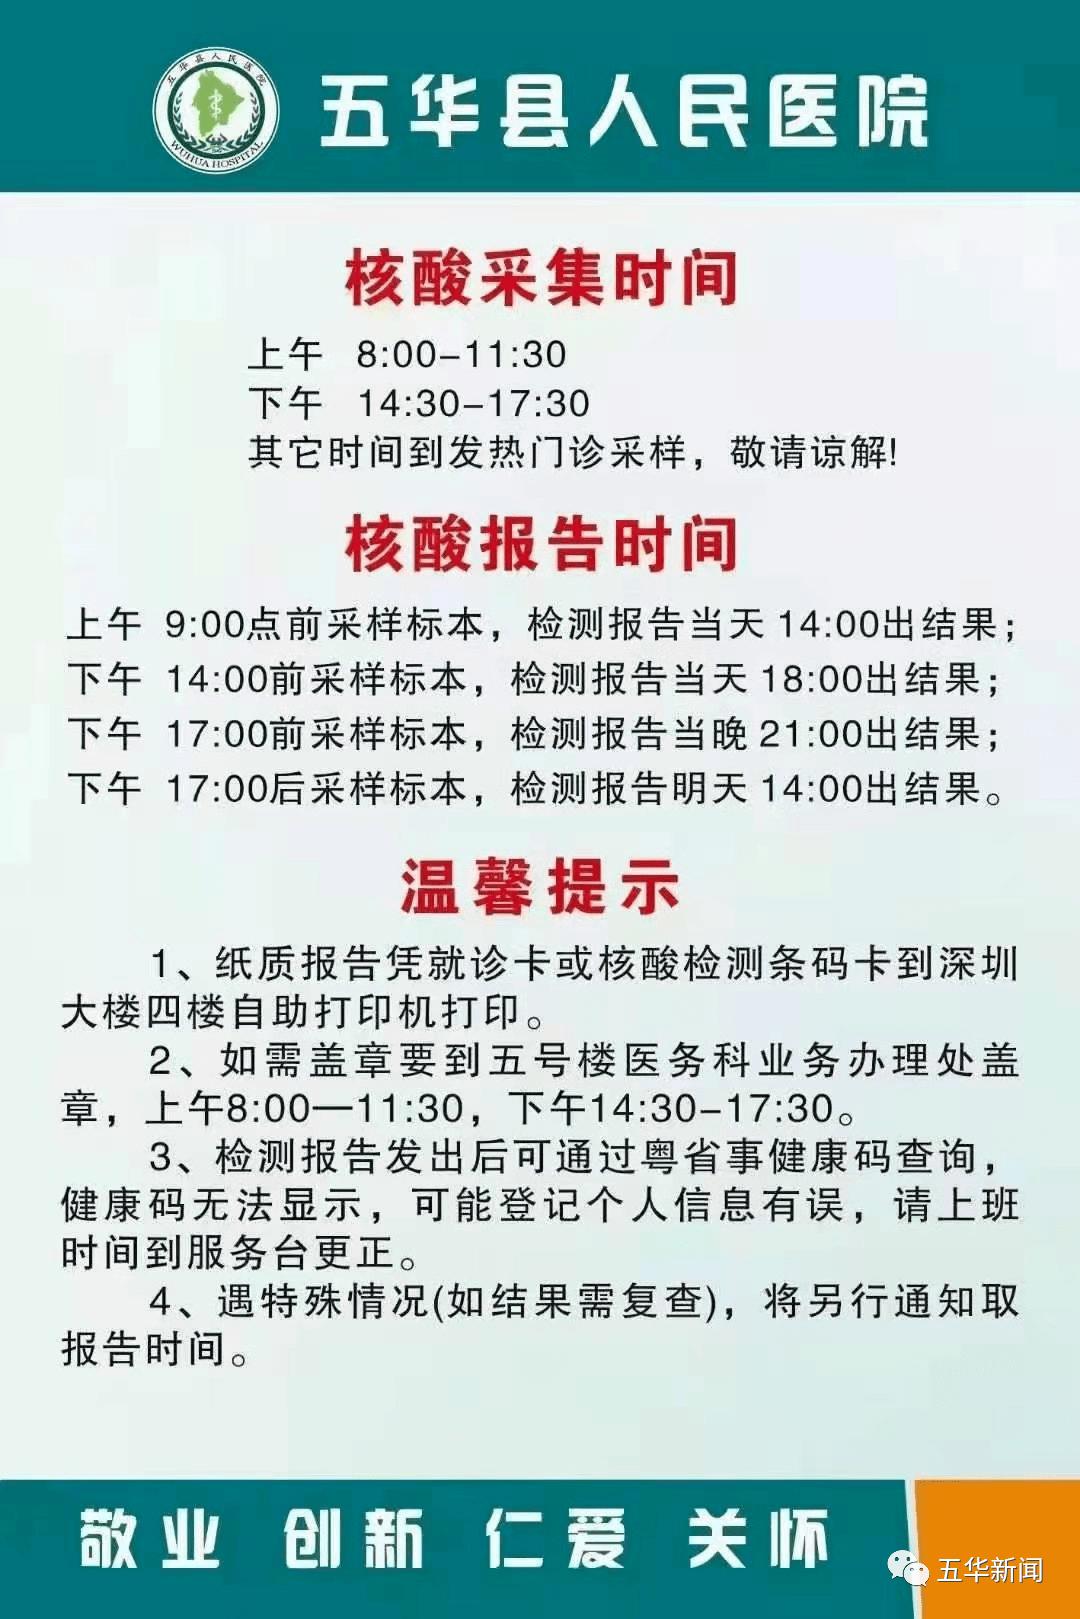 快看!五华县人民医院核酸检测点时间、报告等,请看这